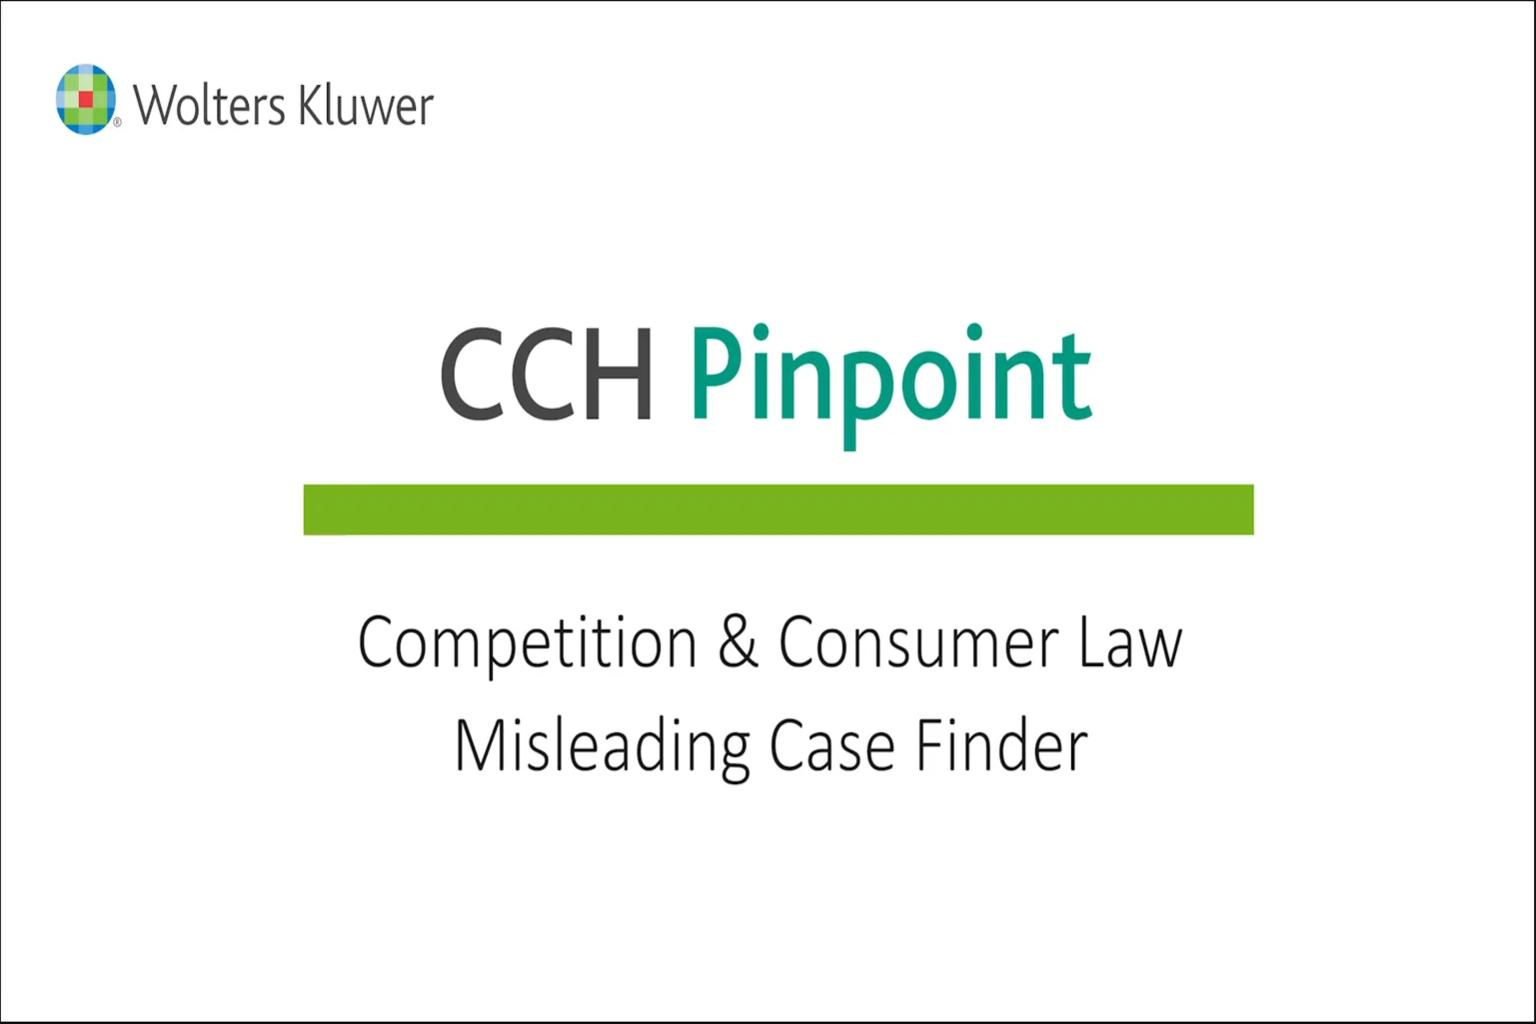 Misleading Case Finder